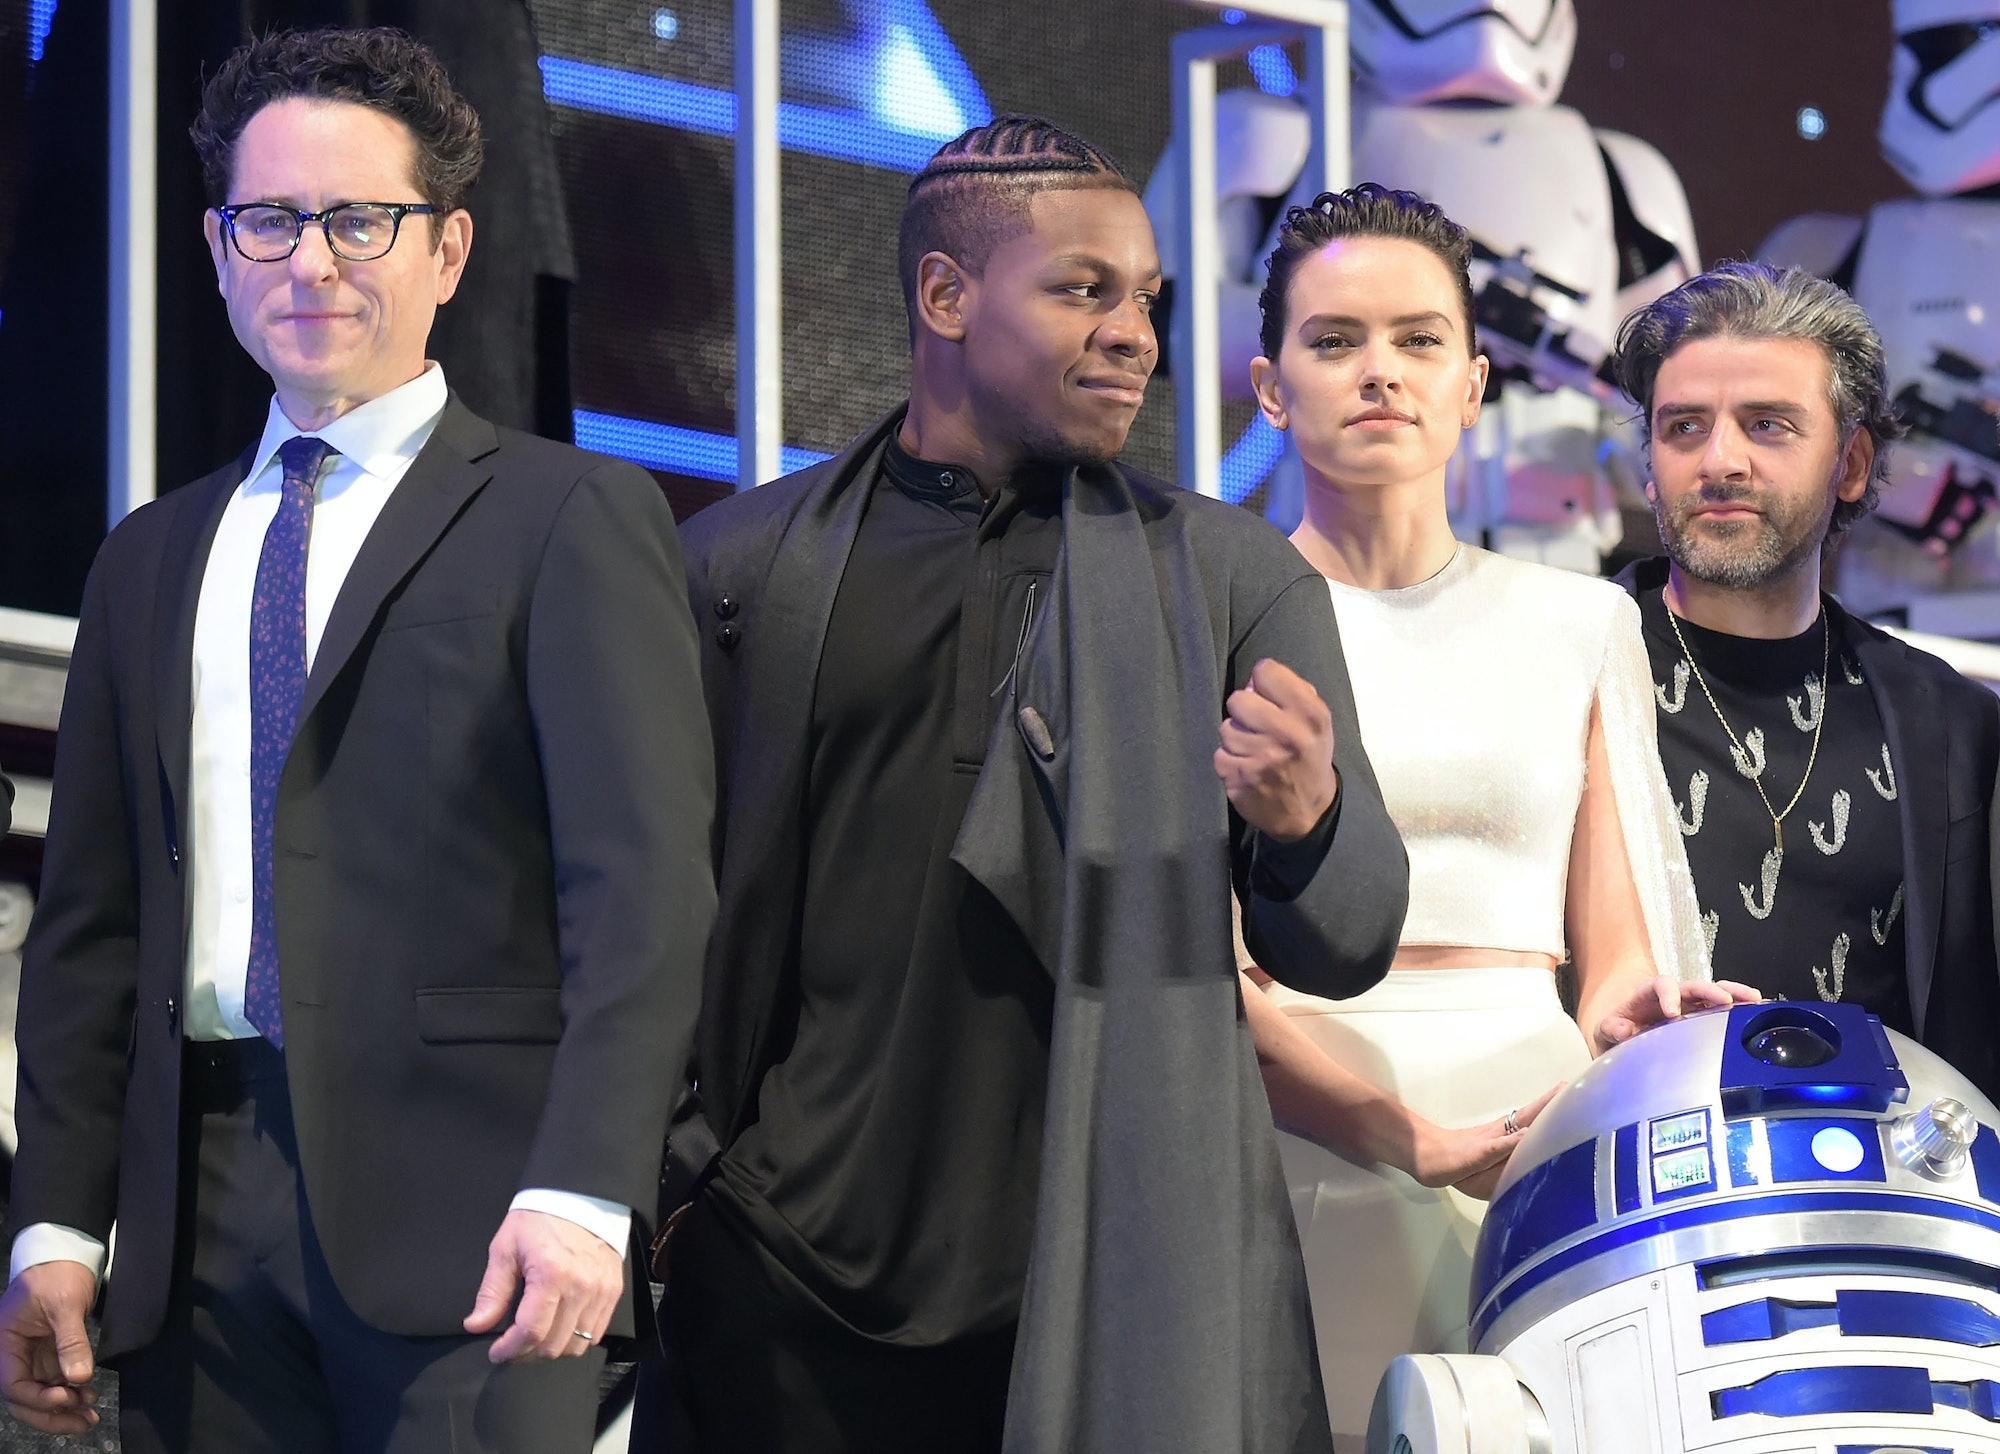 JJ Rise of Skywalker cast tokyo